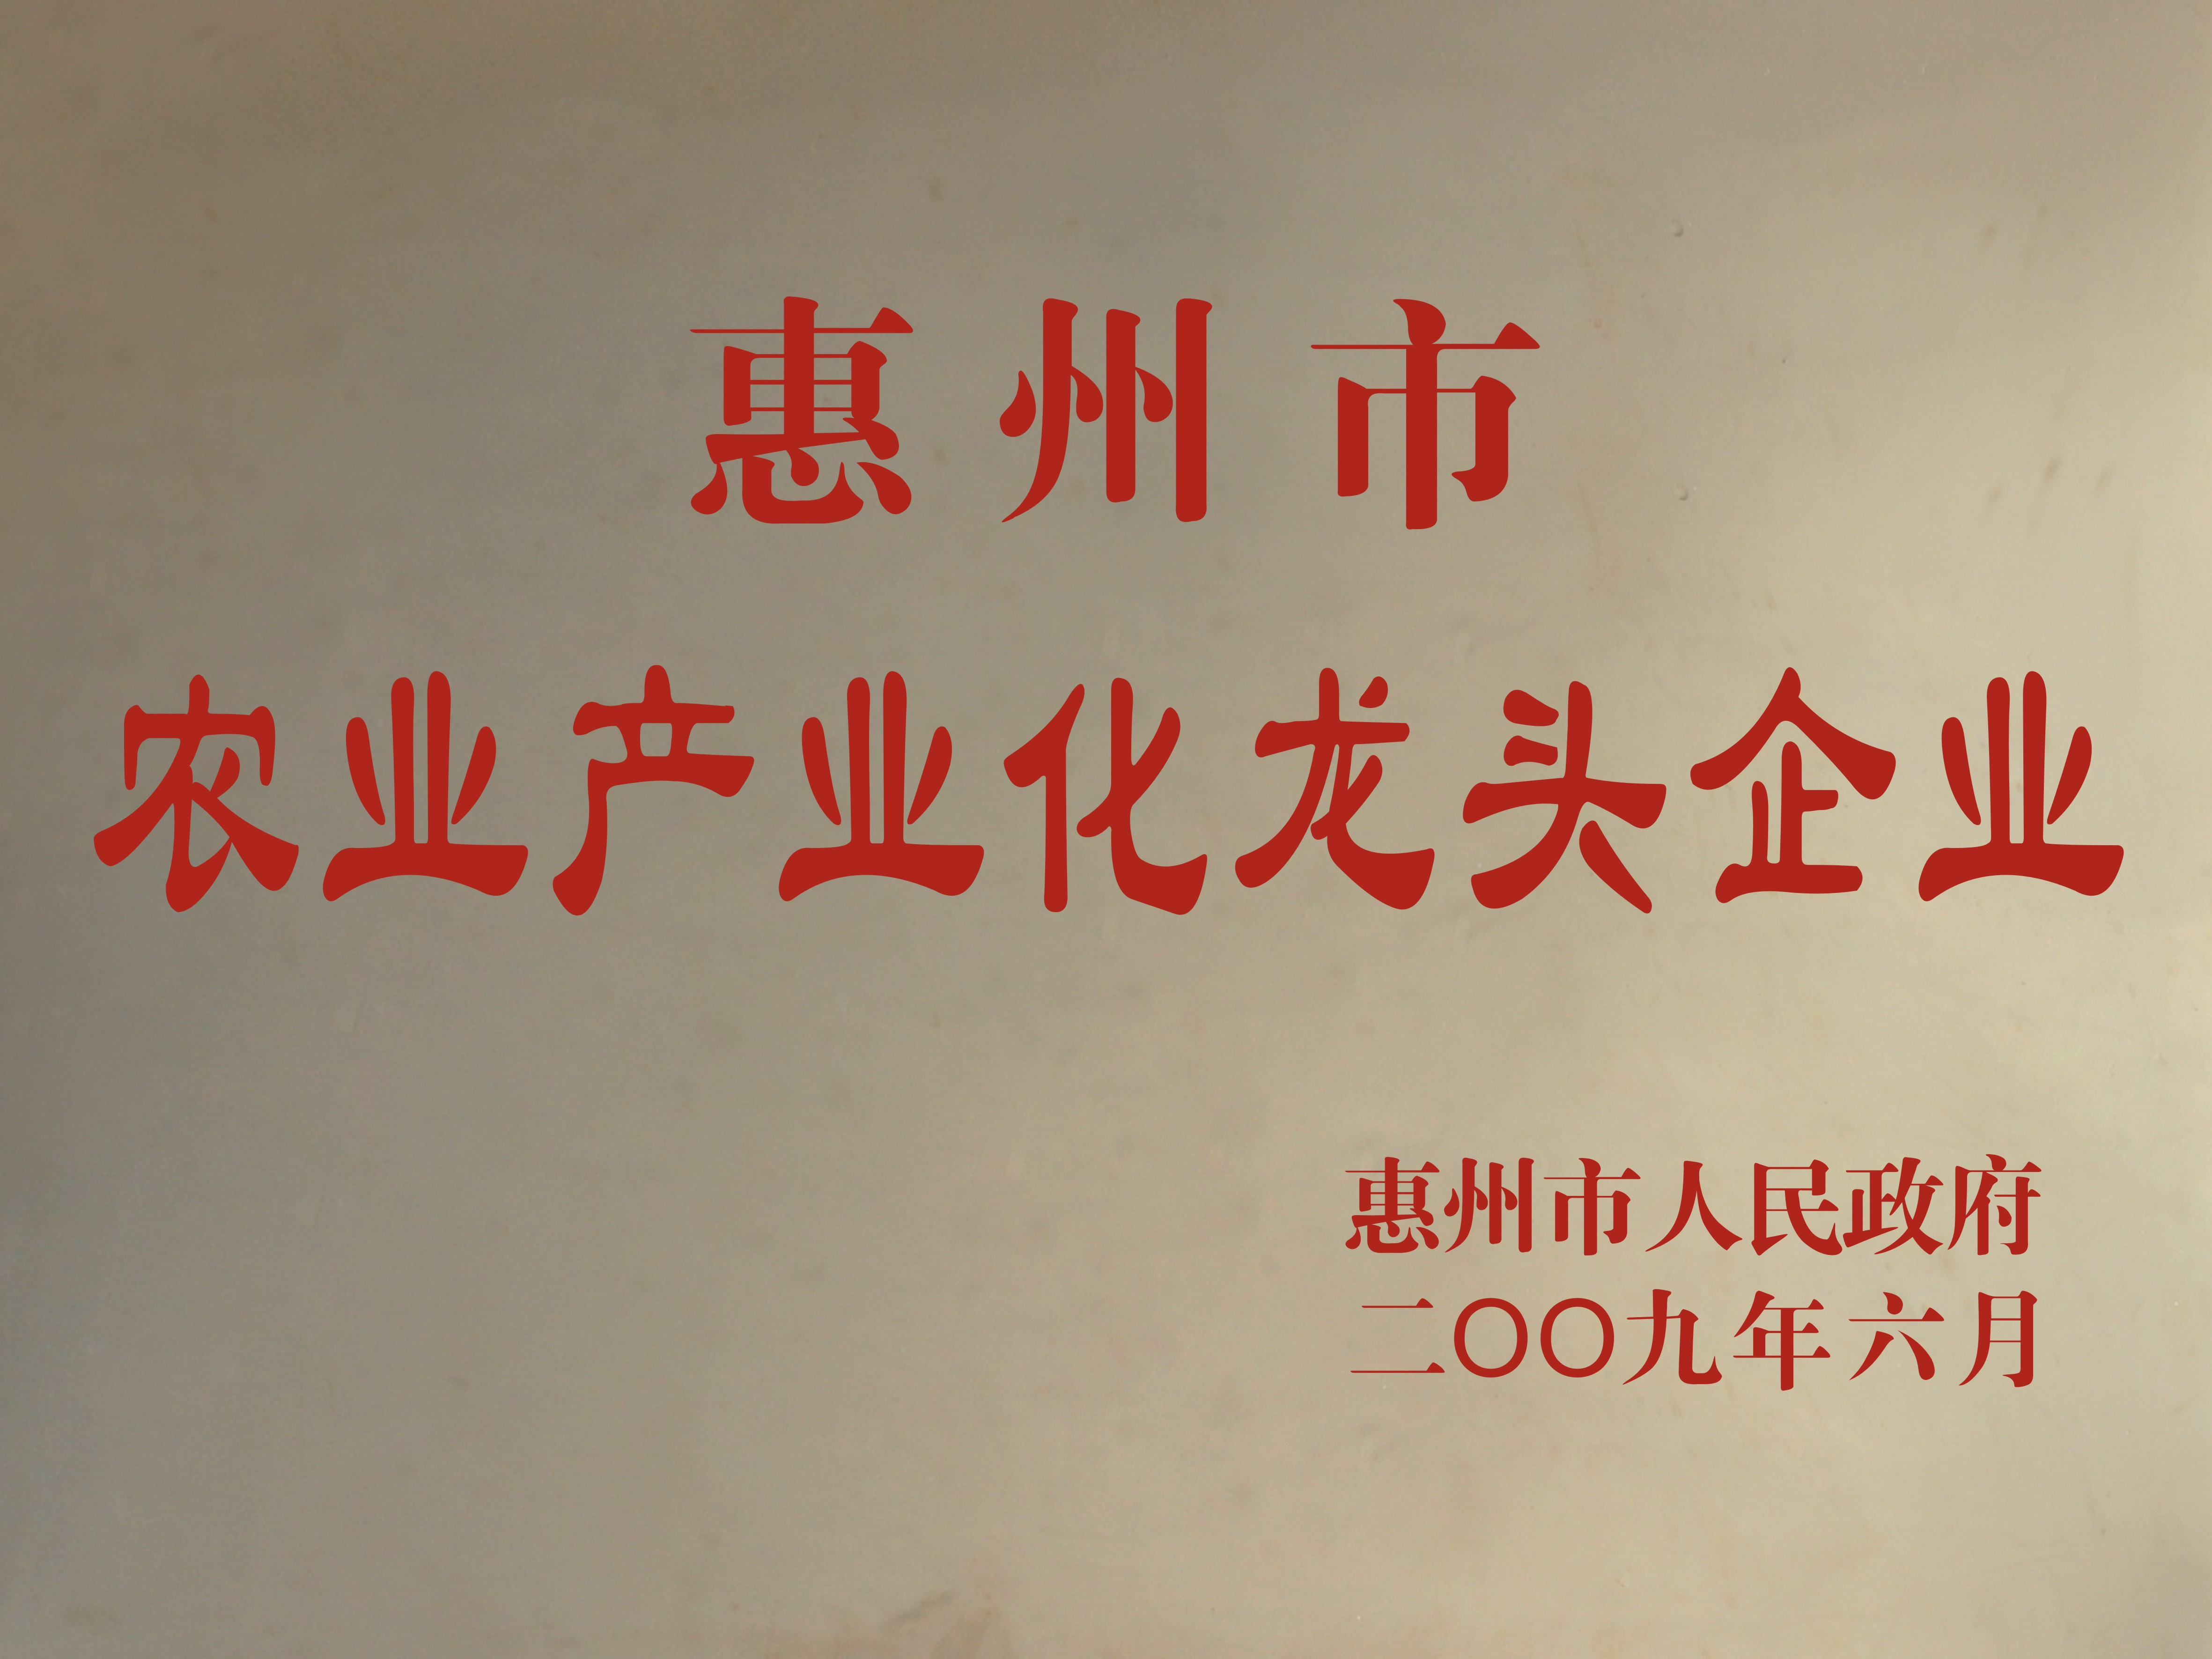 惠州市農業產業化龍頭企業